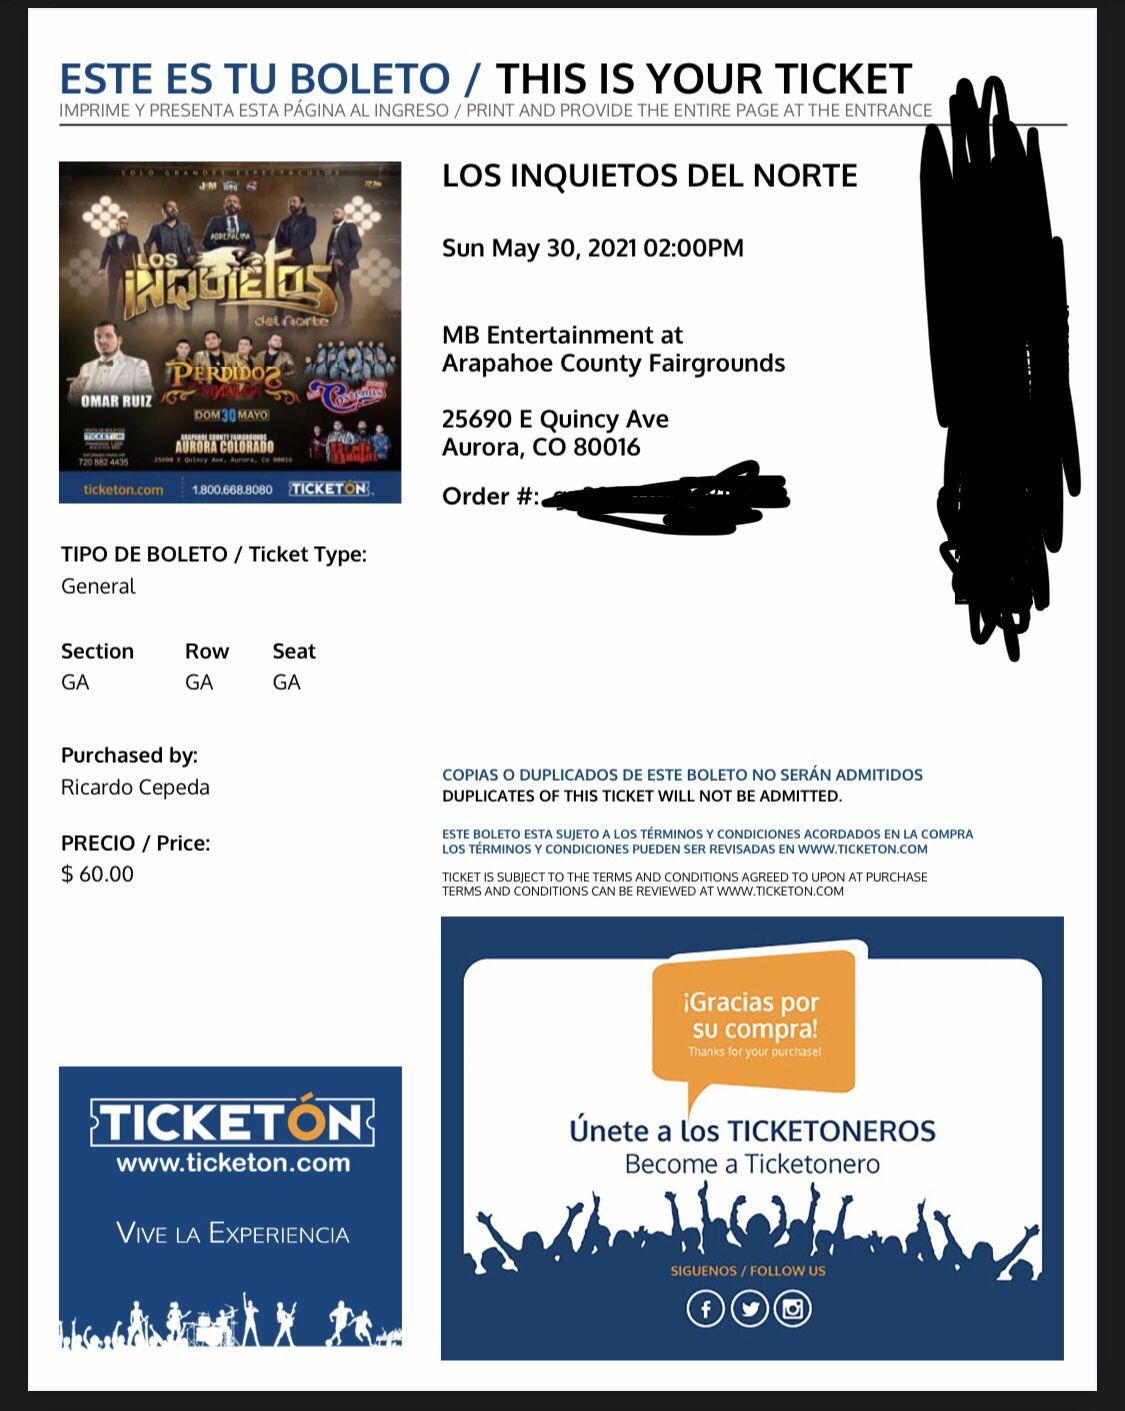 Los Inquietos Ticket Electronico Free